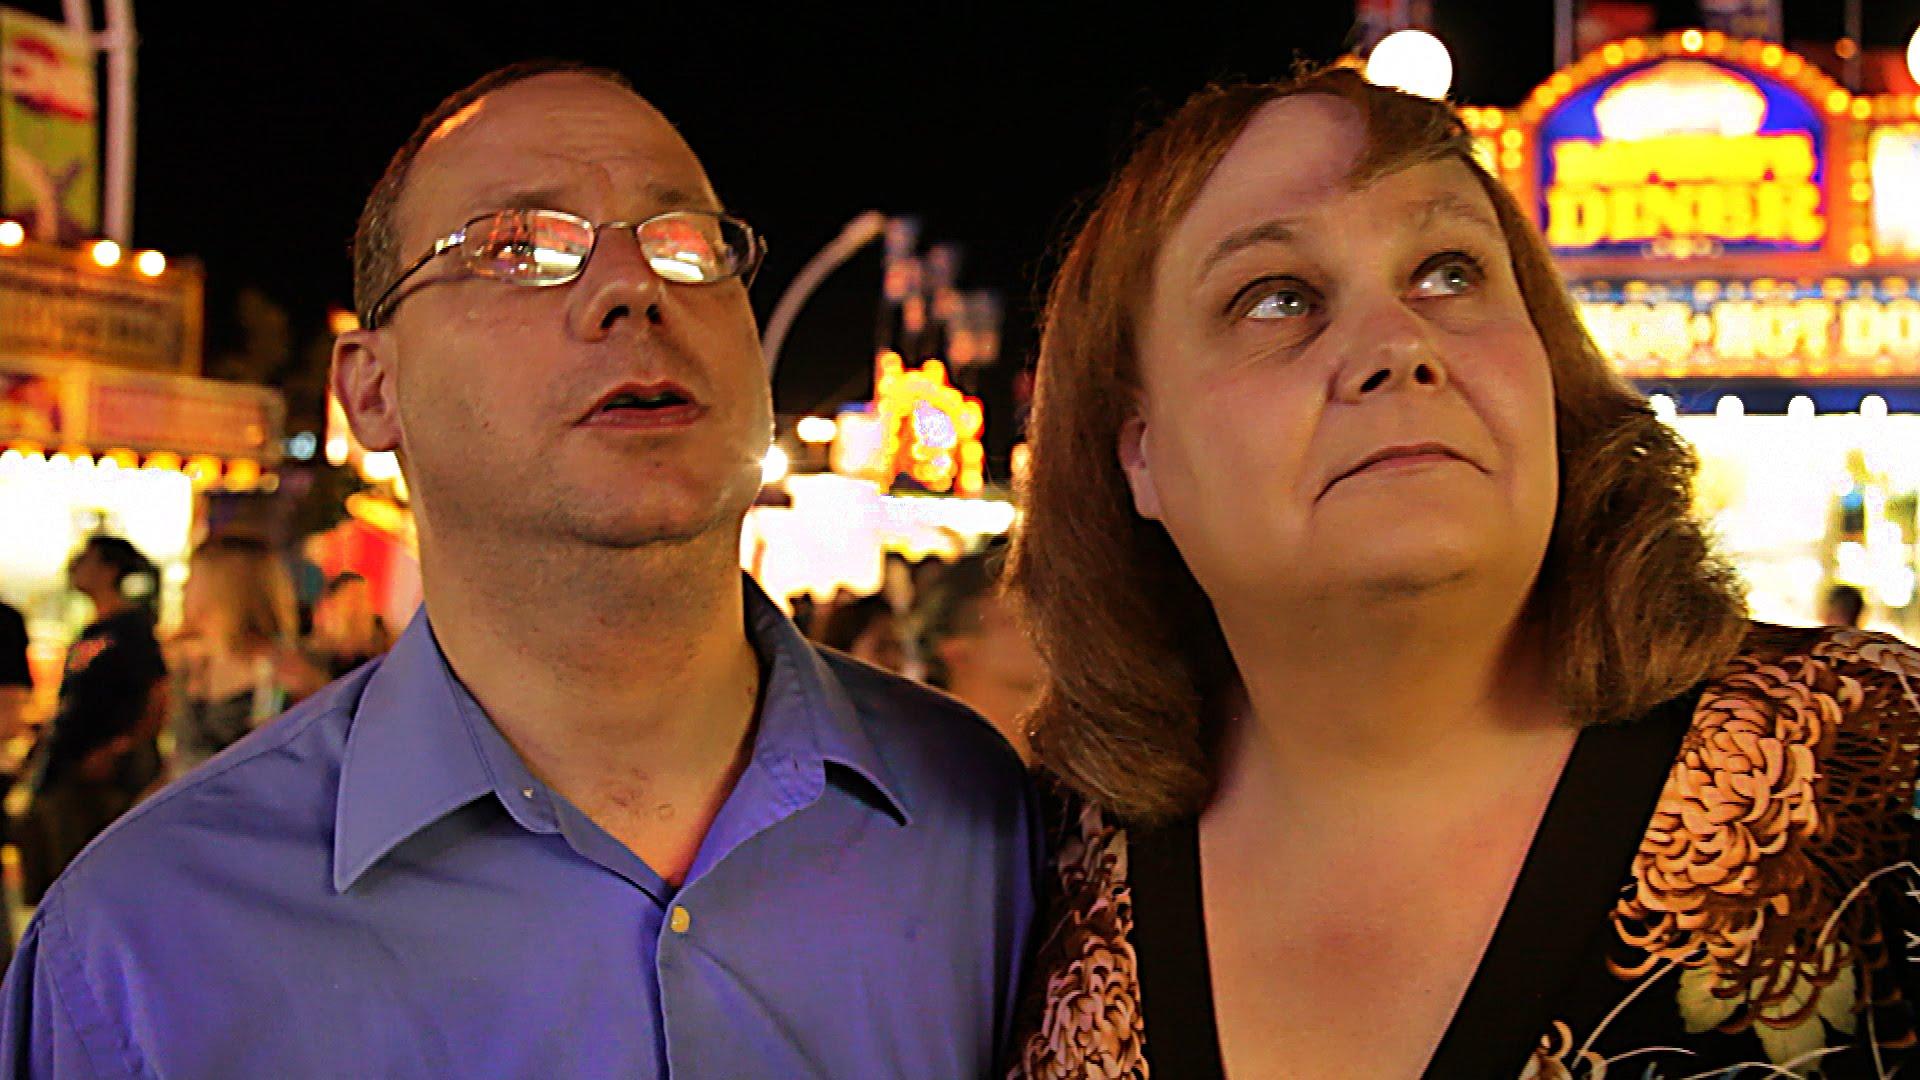 John et Martine, dans Transfixed